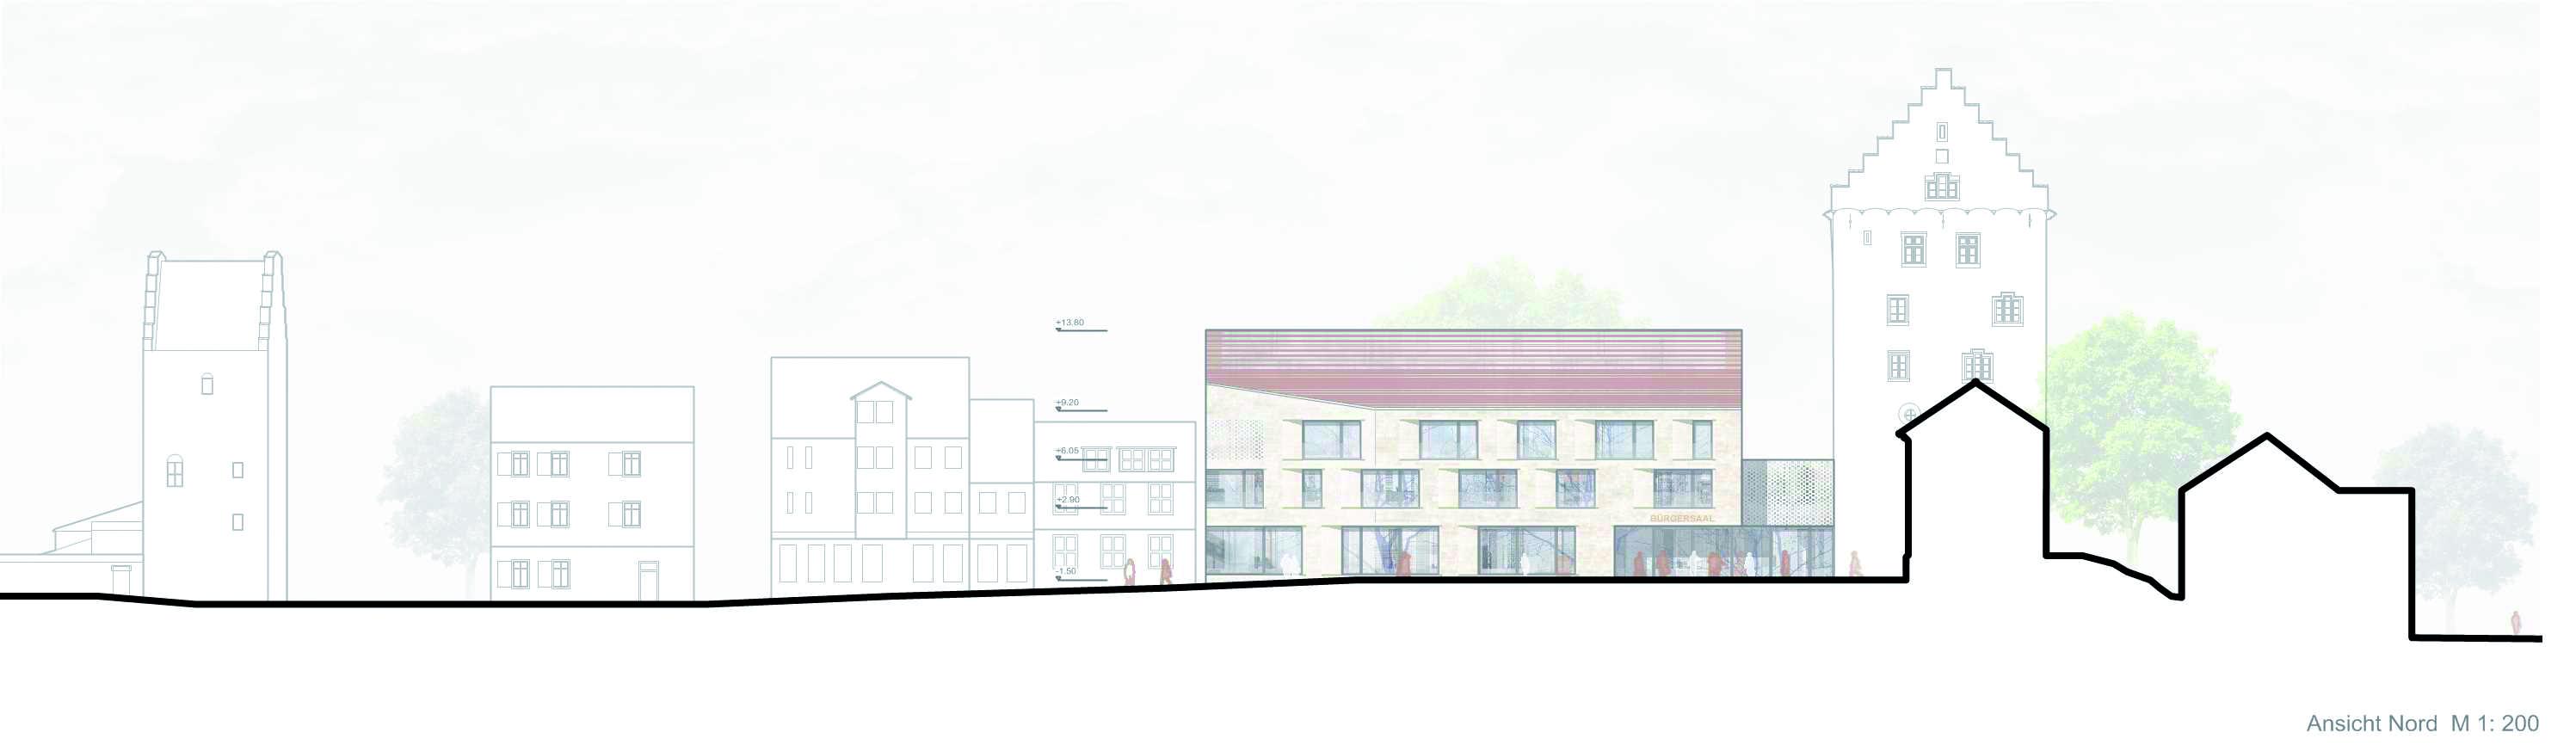 3. Preis bei nichtoffenem Planungswettbewerb Rathaus im Bischofschloss in Markdorf